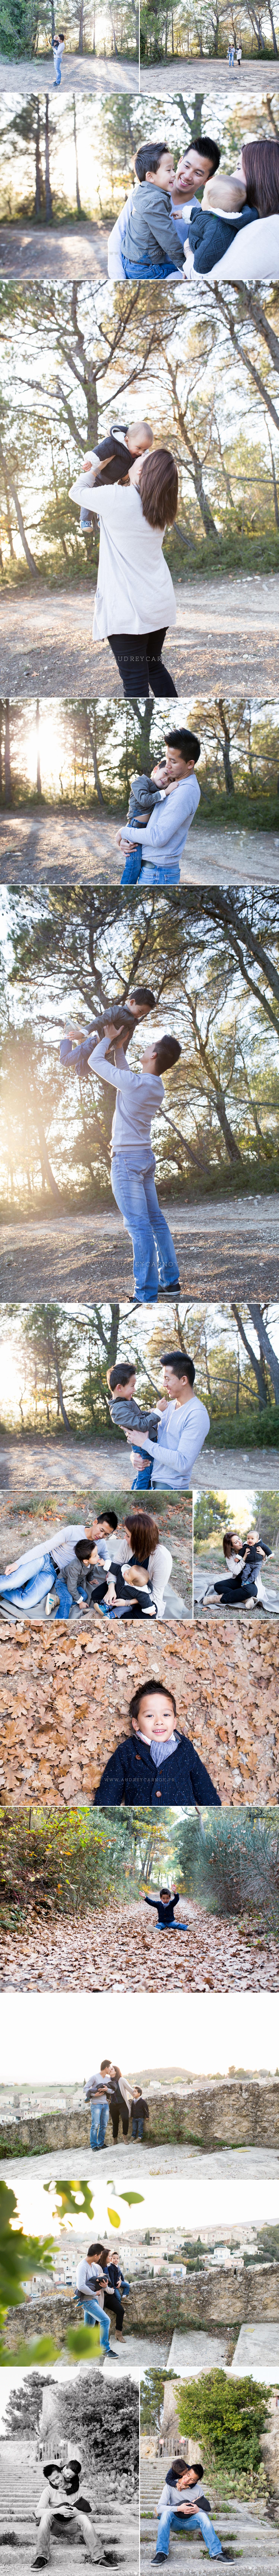 Séance famille - Pertuis |Thierry, Céline et leurs fils 2